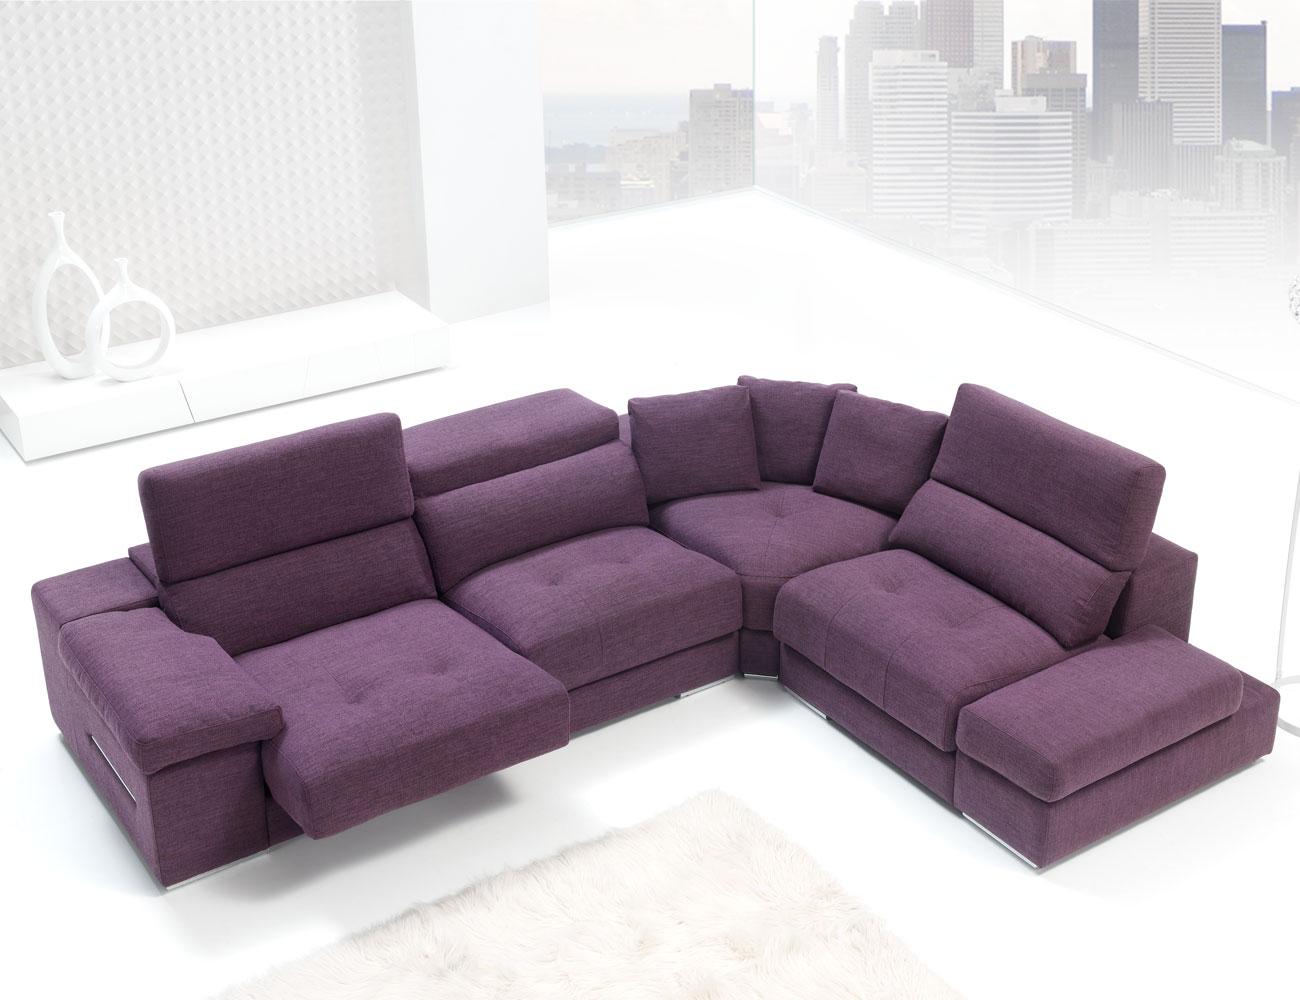 Sofa chaiselongue rincon con brazo mecanico tejido anti manchas 229